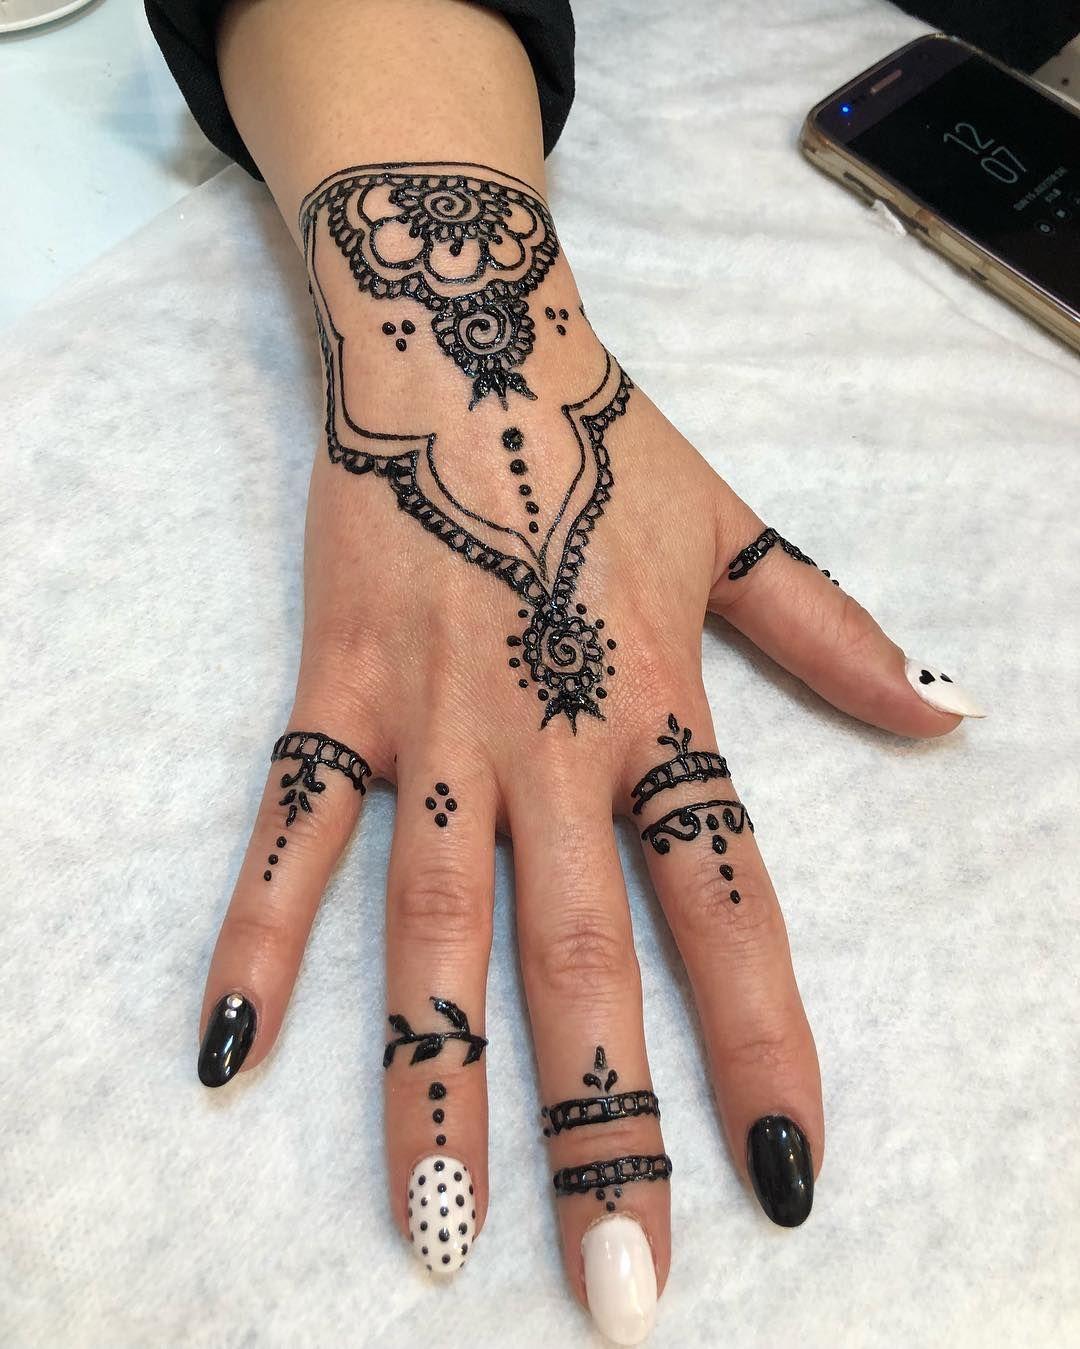 حنا Henna Henna Hand Tattoo Hand Tattoos Hand Henna